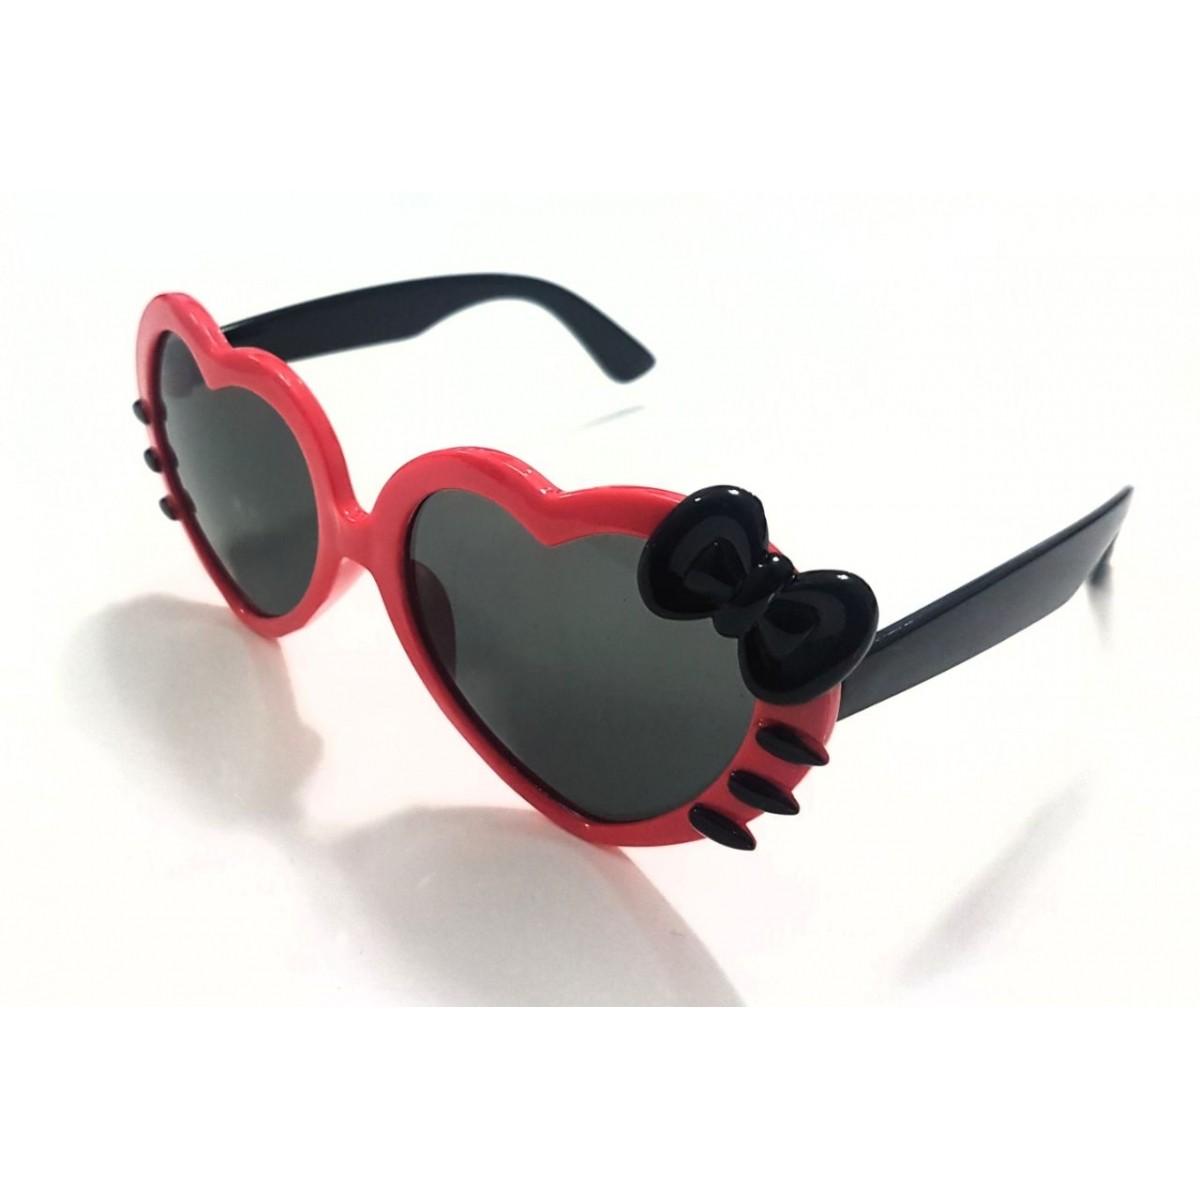 38aeeac93536a Óculos Hello Kitty Vermelho e Preto